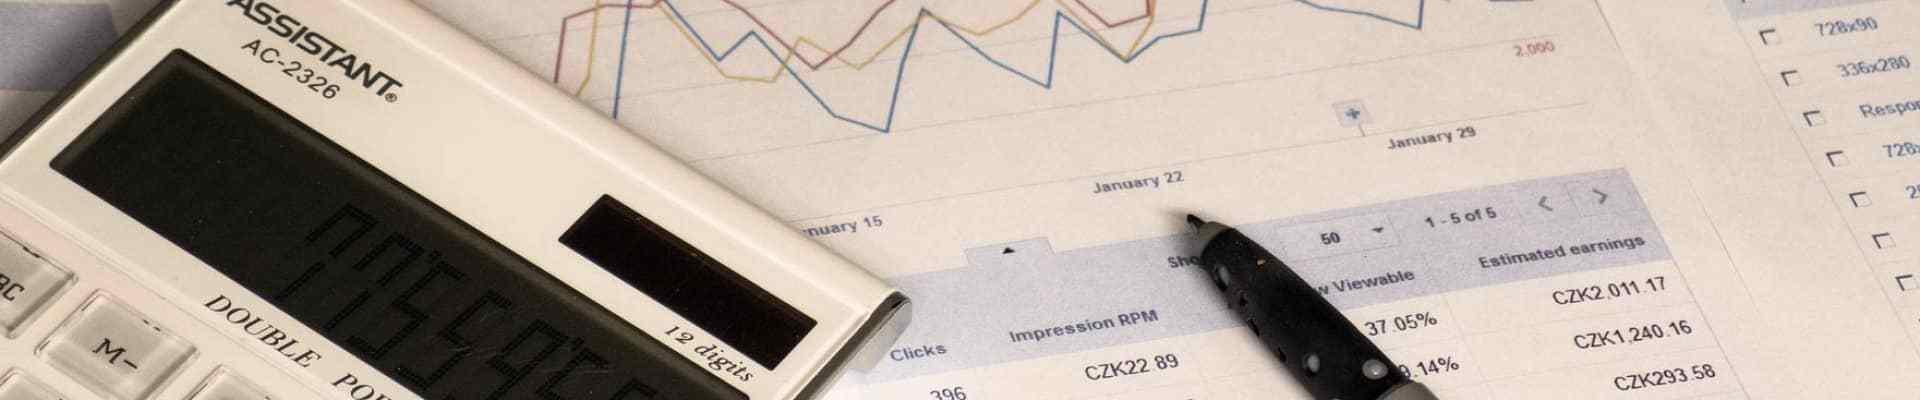 Министерство финансов проведет аукцион сразу трех выпусков облигаций федерального займа